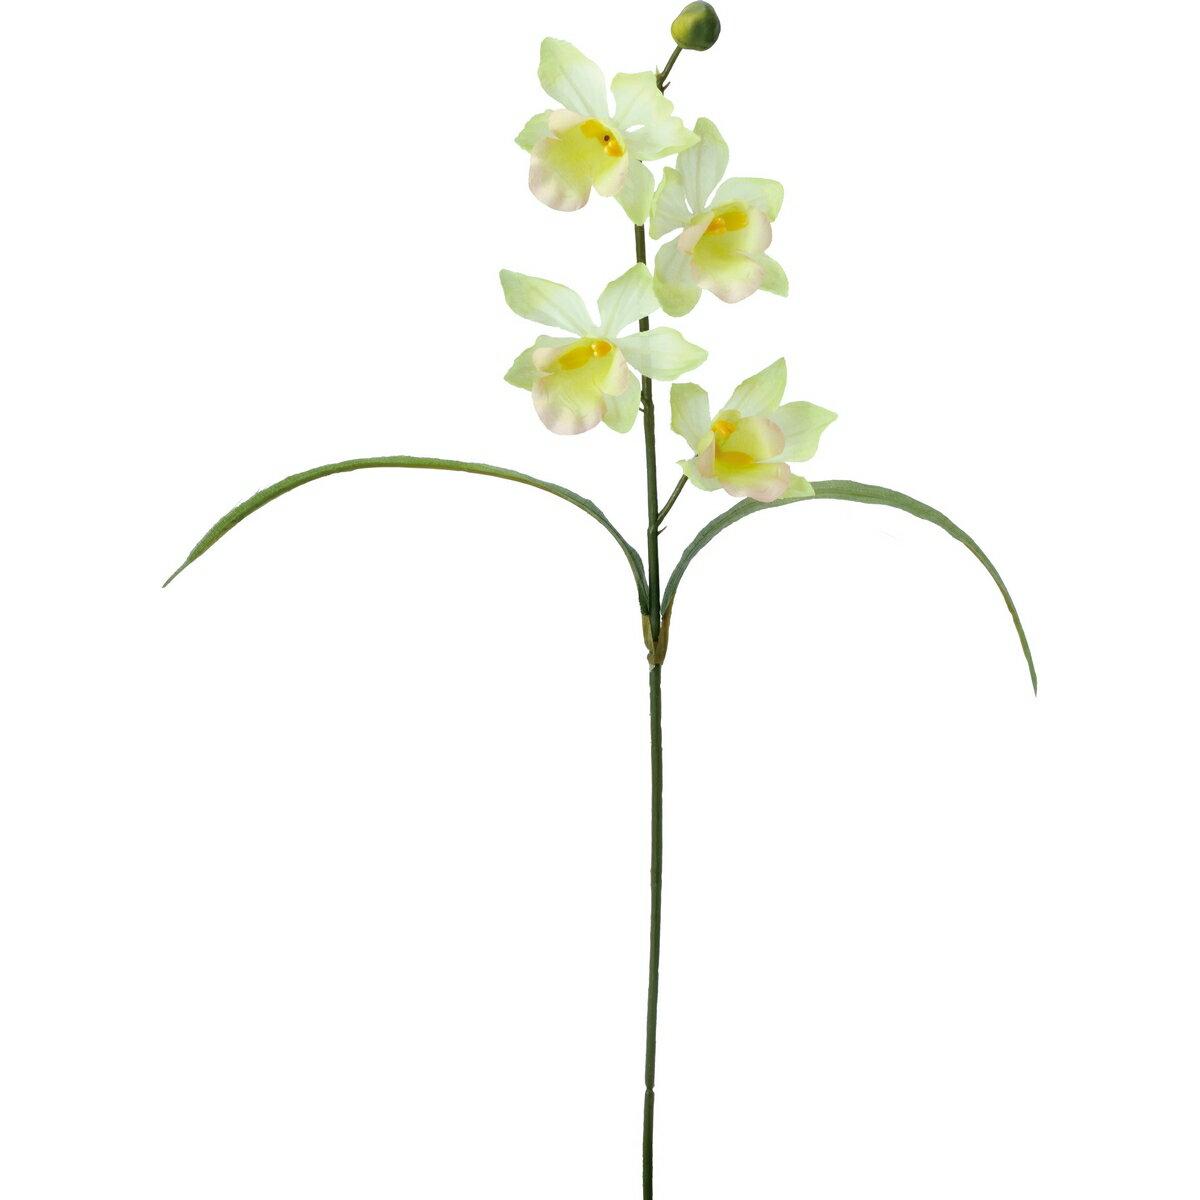 【造花】YDM/シンビジュームリーフツキ グリーン/FF -2914-GR【01】【01】【取寄】《 造花(アーティフィシャルフラワー) 造花 花材「さ行」 シンビジューム 》